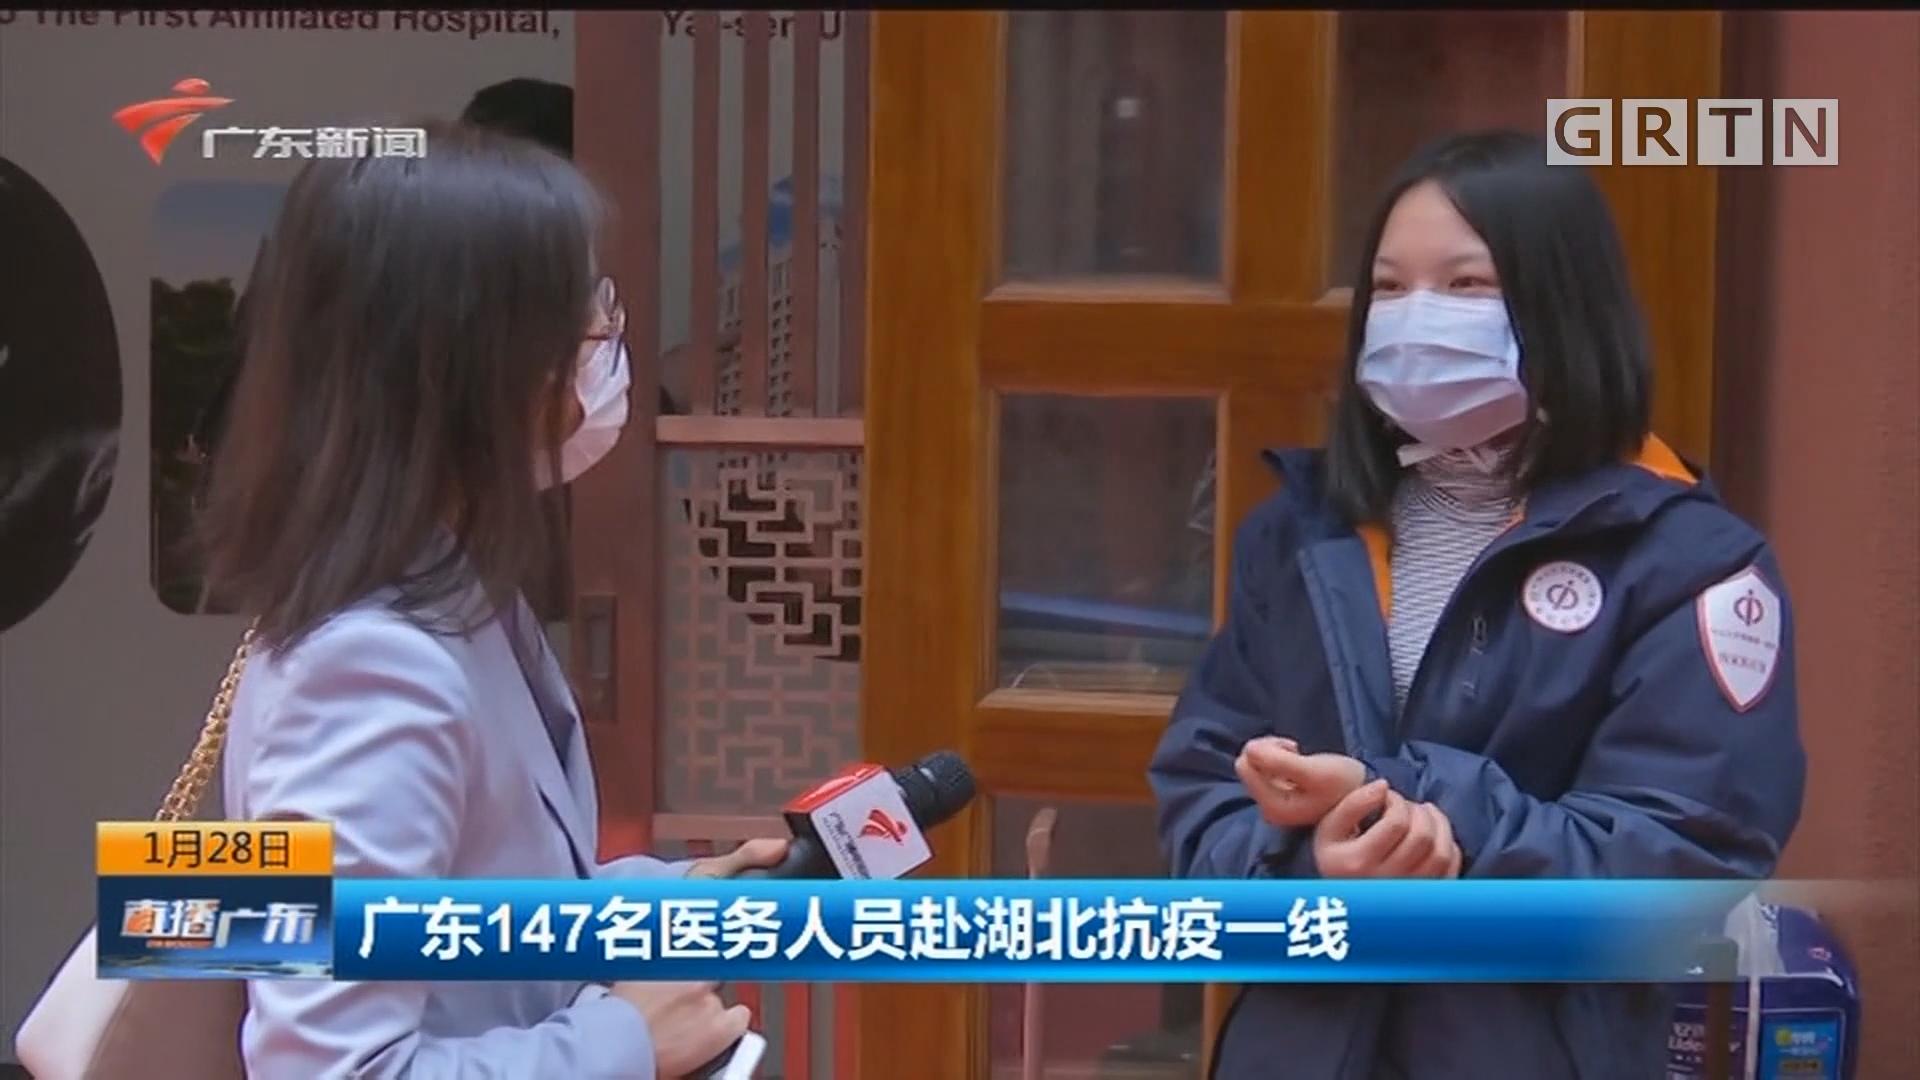 广东147名医务人员赴湖北抗疫一线